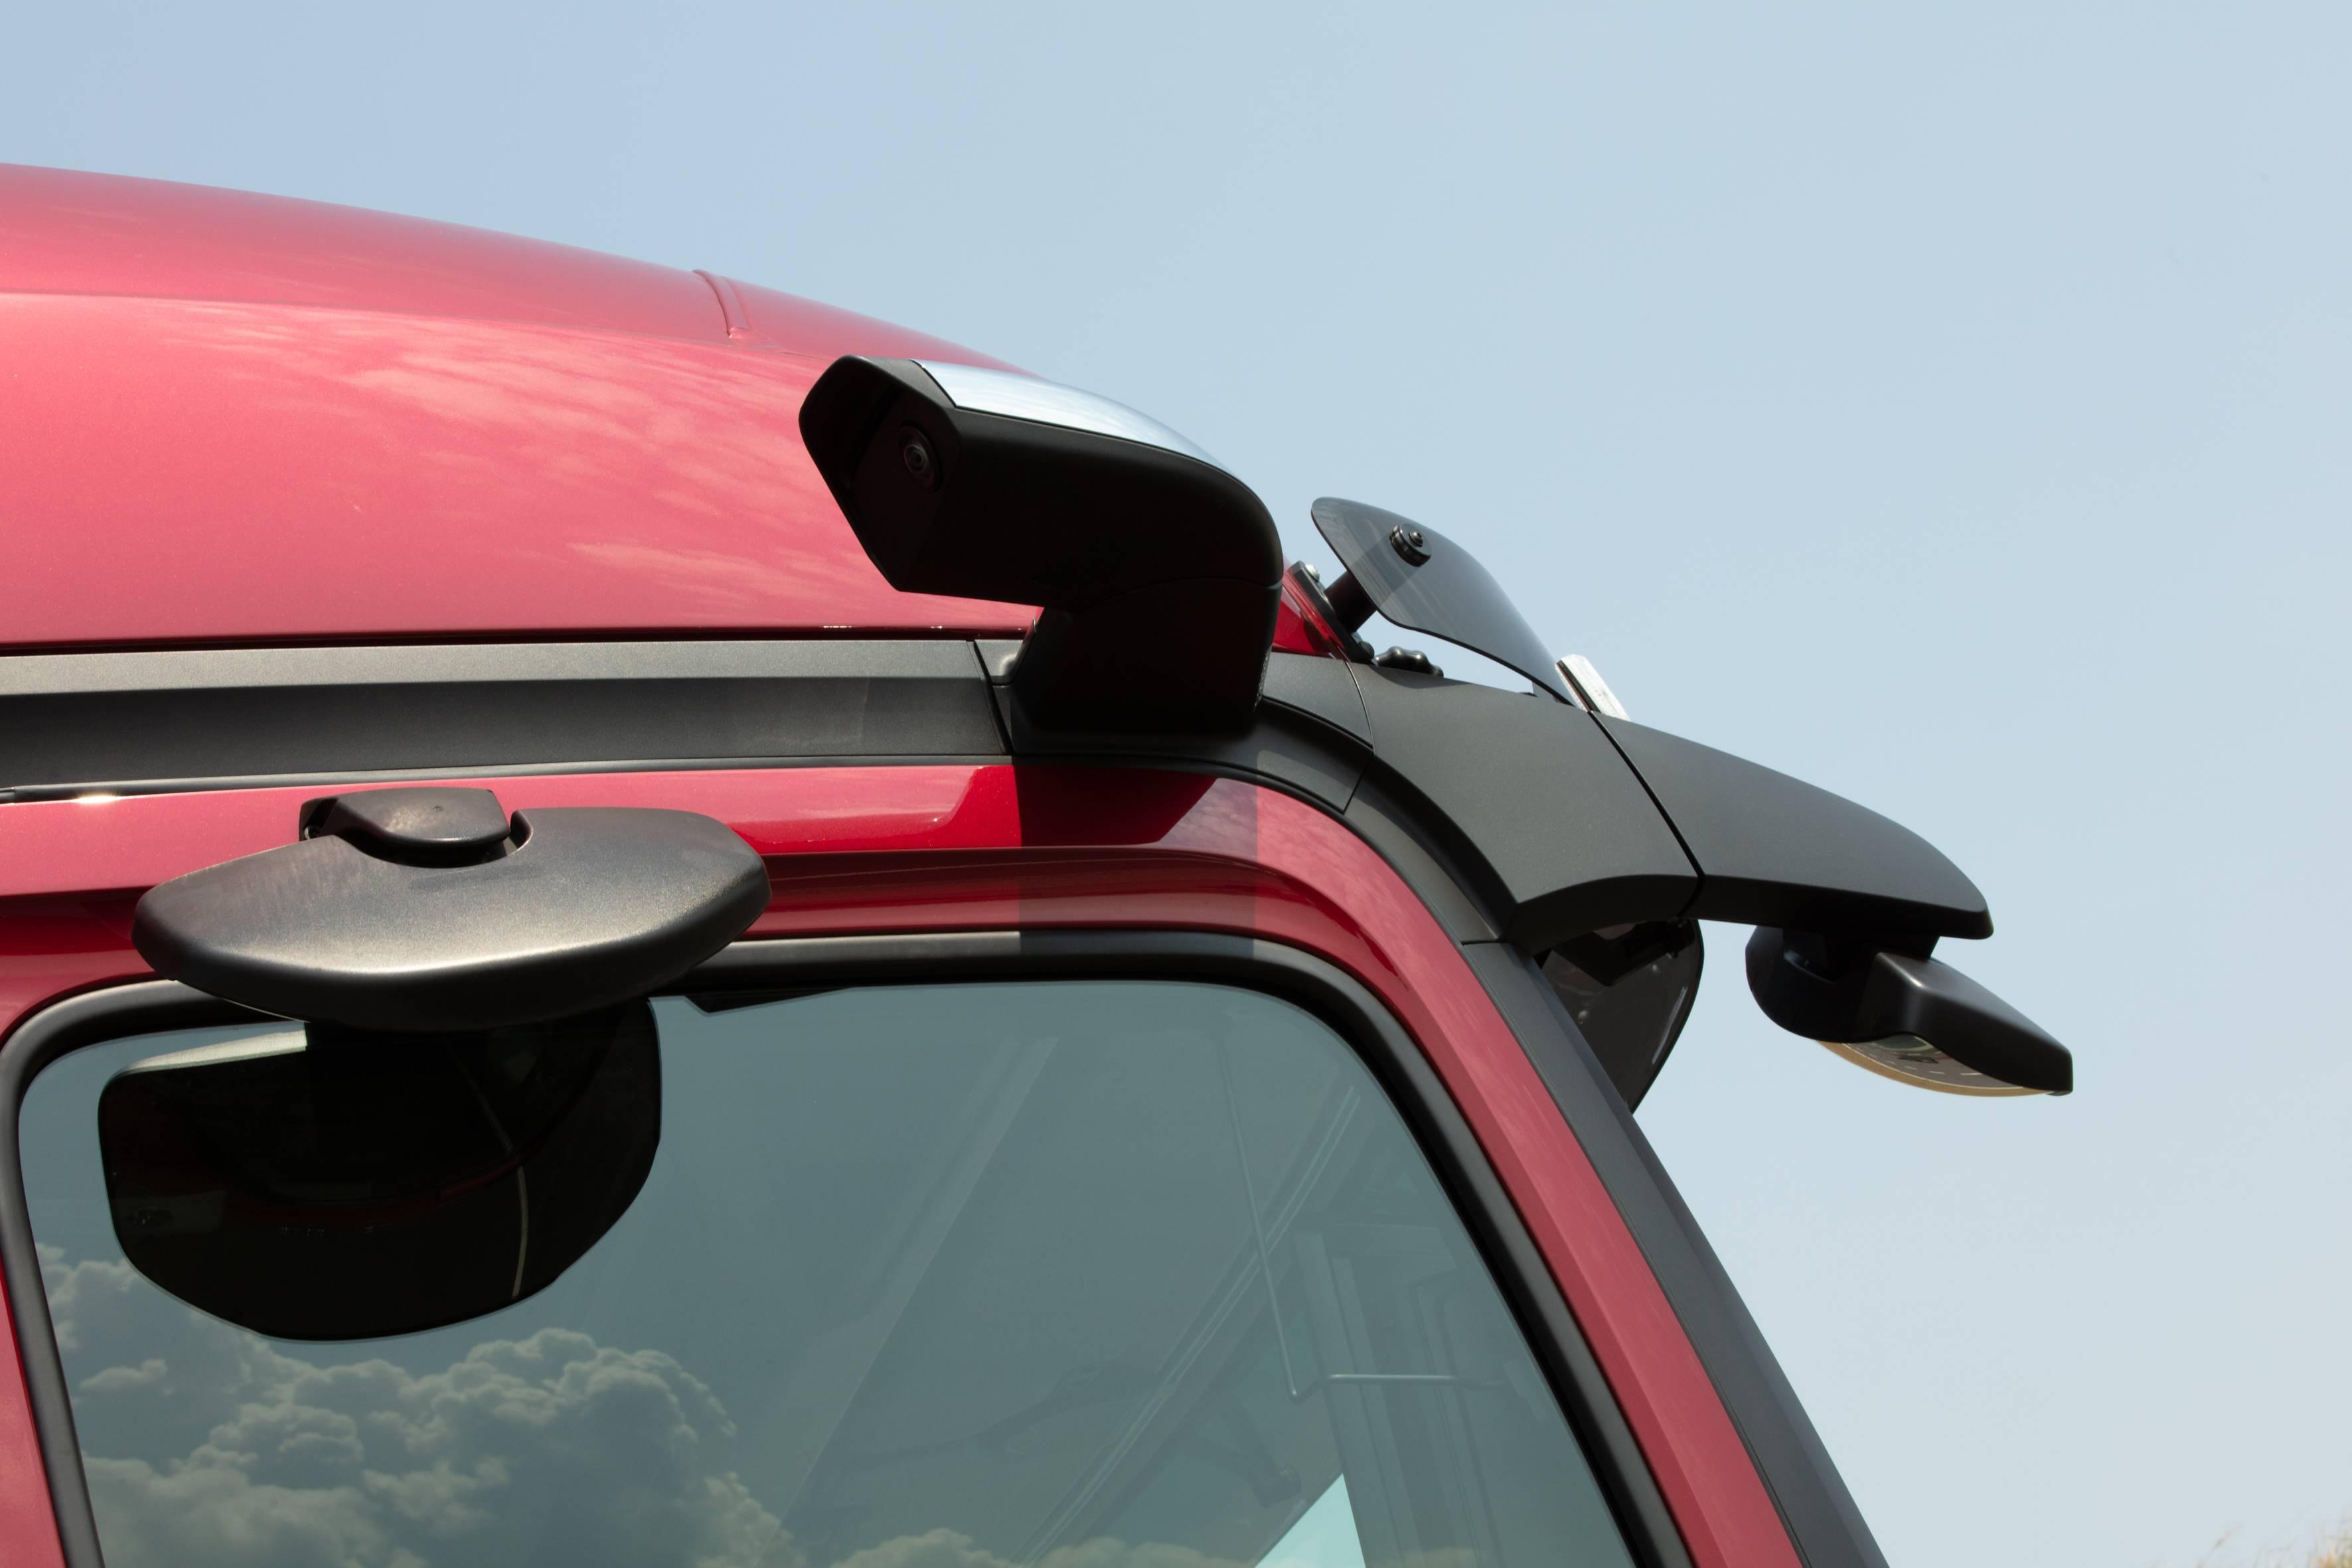 Câmeras digitais no lugar de espelhos retrovisores melhoram a aerodinâmica do Actros. Foto: Mercedes-Benz/ Divulgação